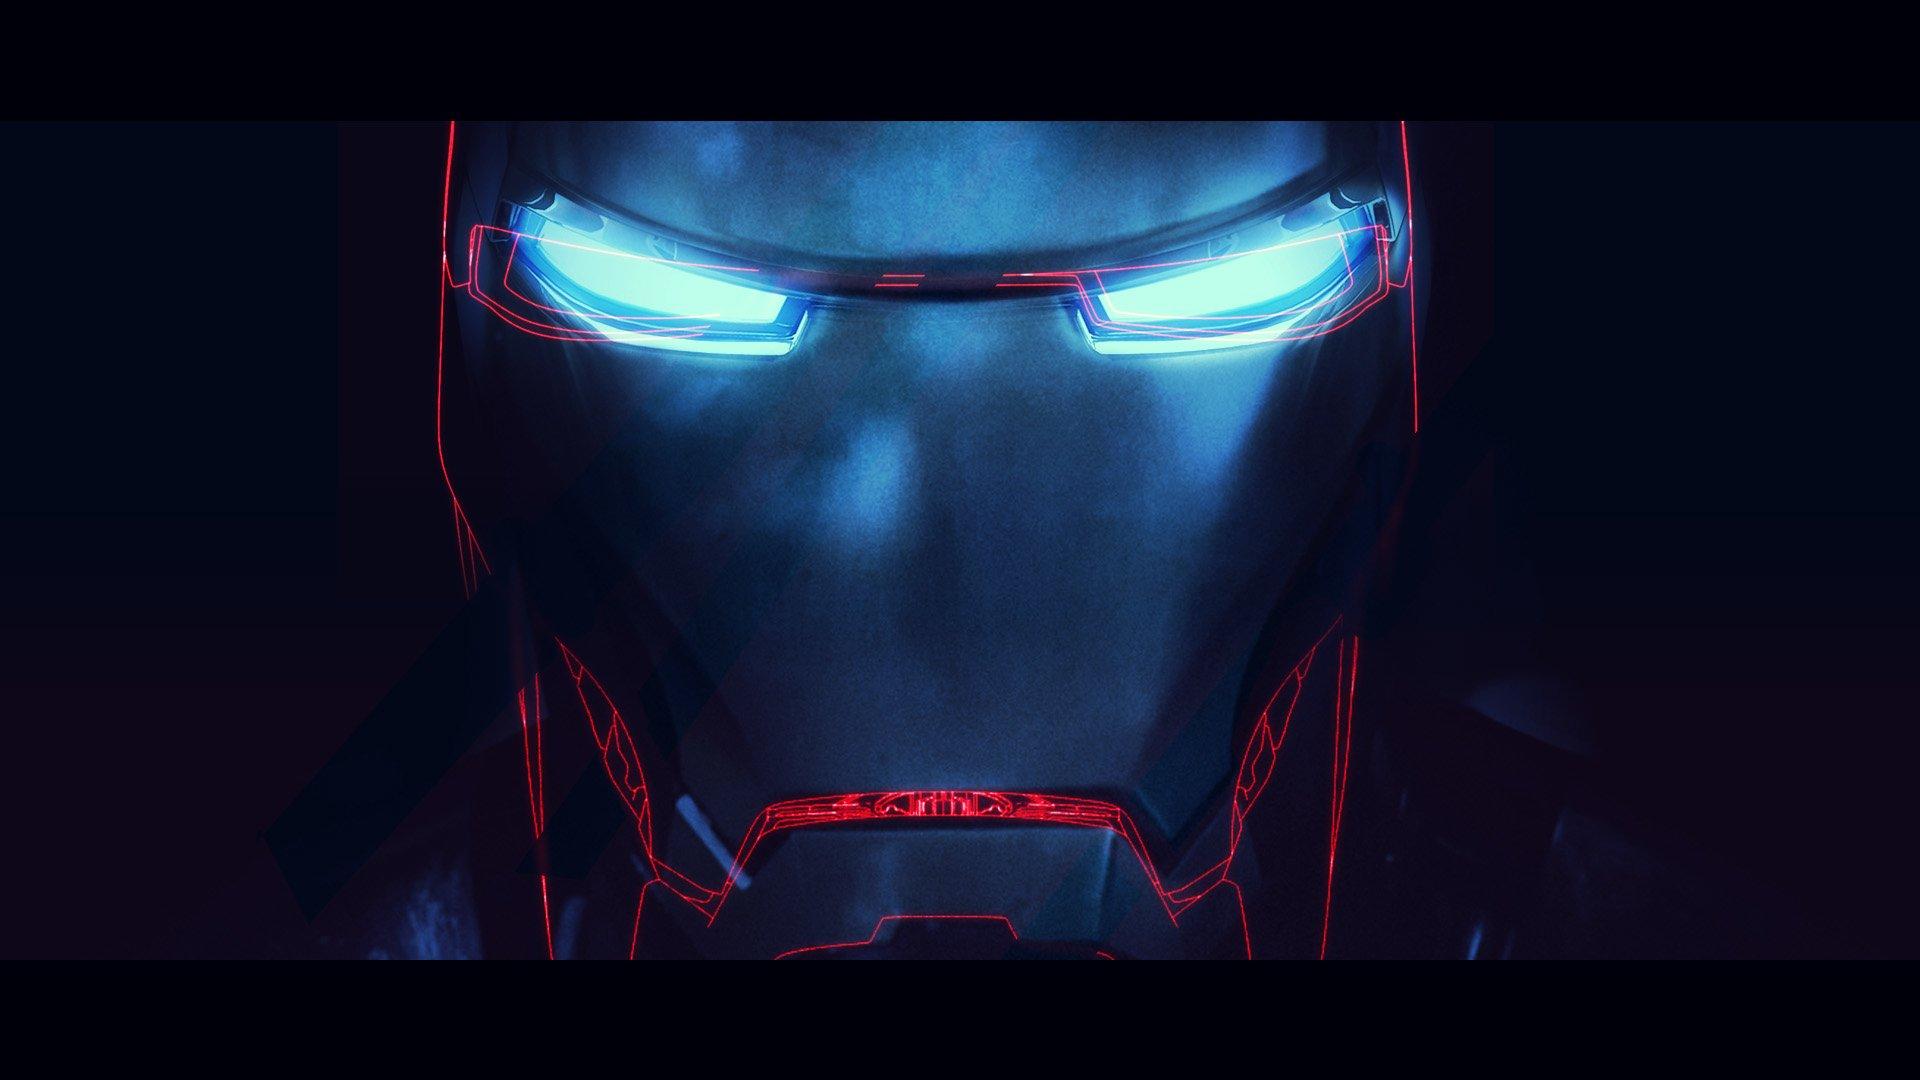 Hd Wallpaper Iron Man Face Wallpaper 4k Hd Wallpapers